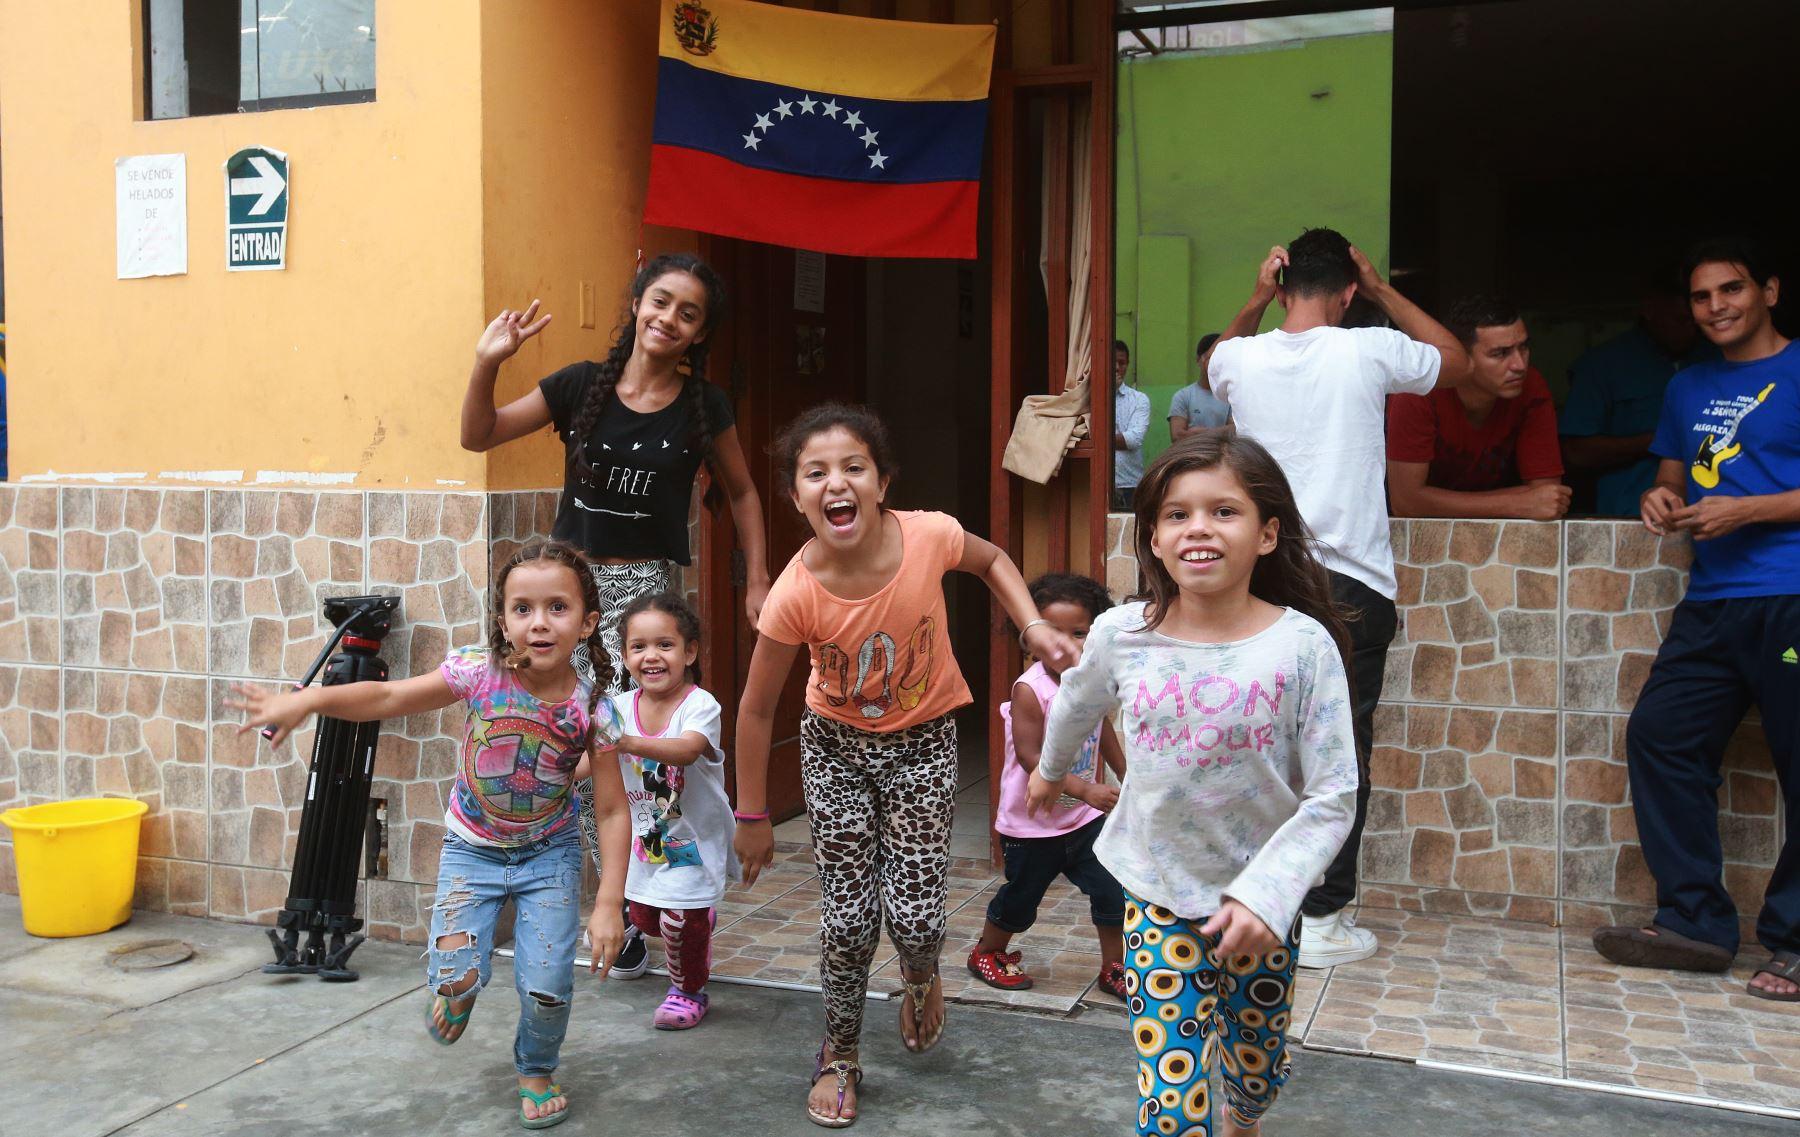 Muchos niños venezolanos llegaron con sus padres. Se estima que hay 1,200 menores de esa nacionalidad en el país. Foto.ANDINA/Jhony Laurente